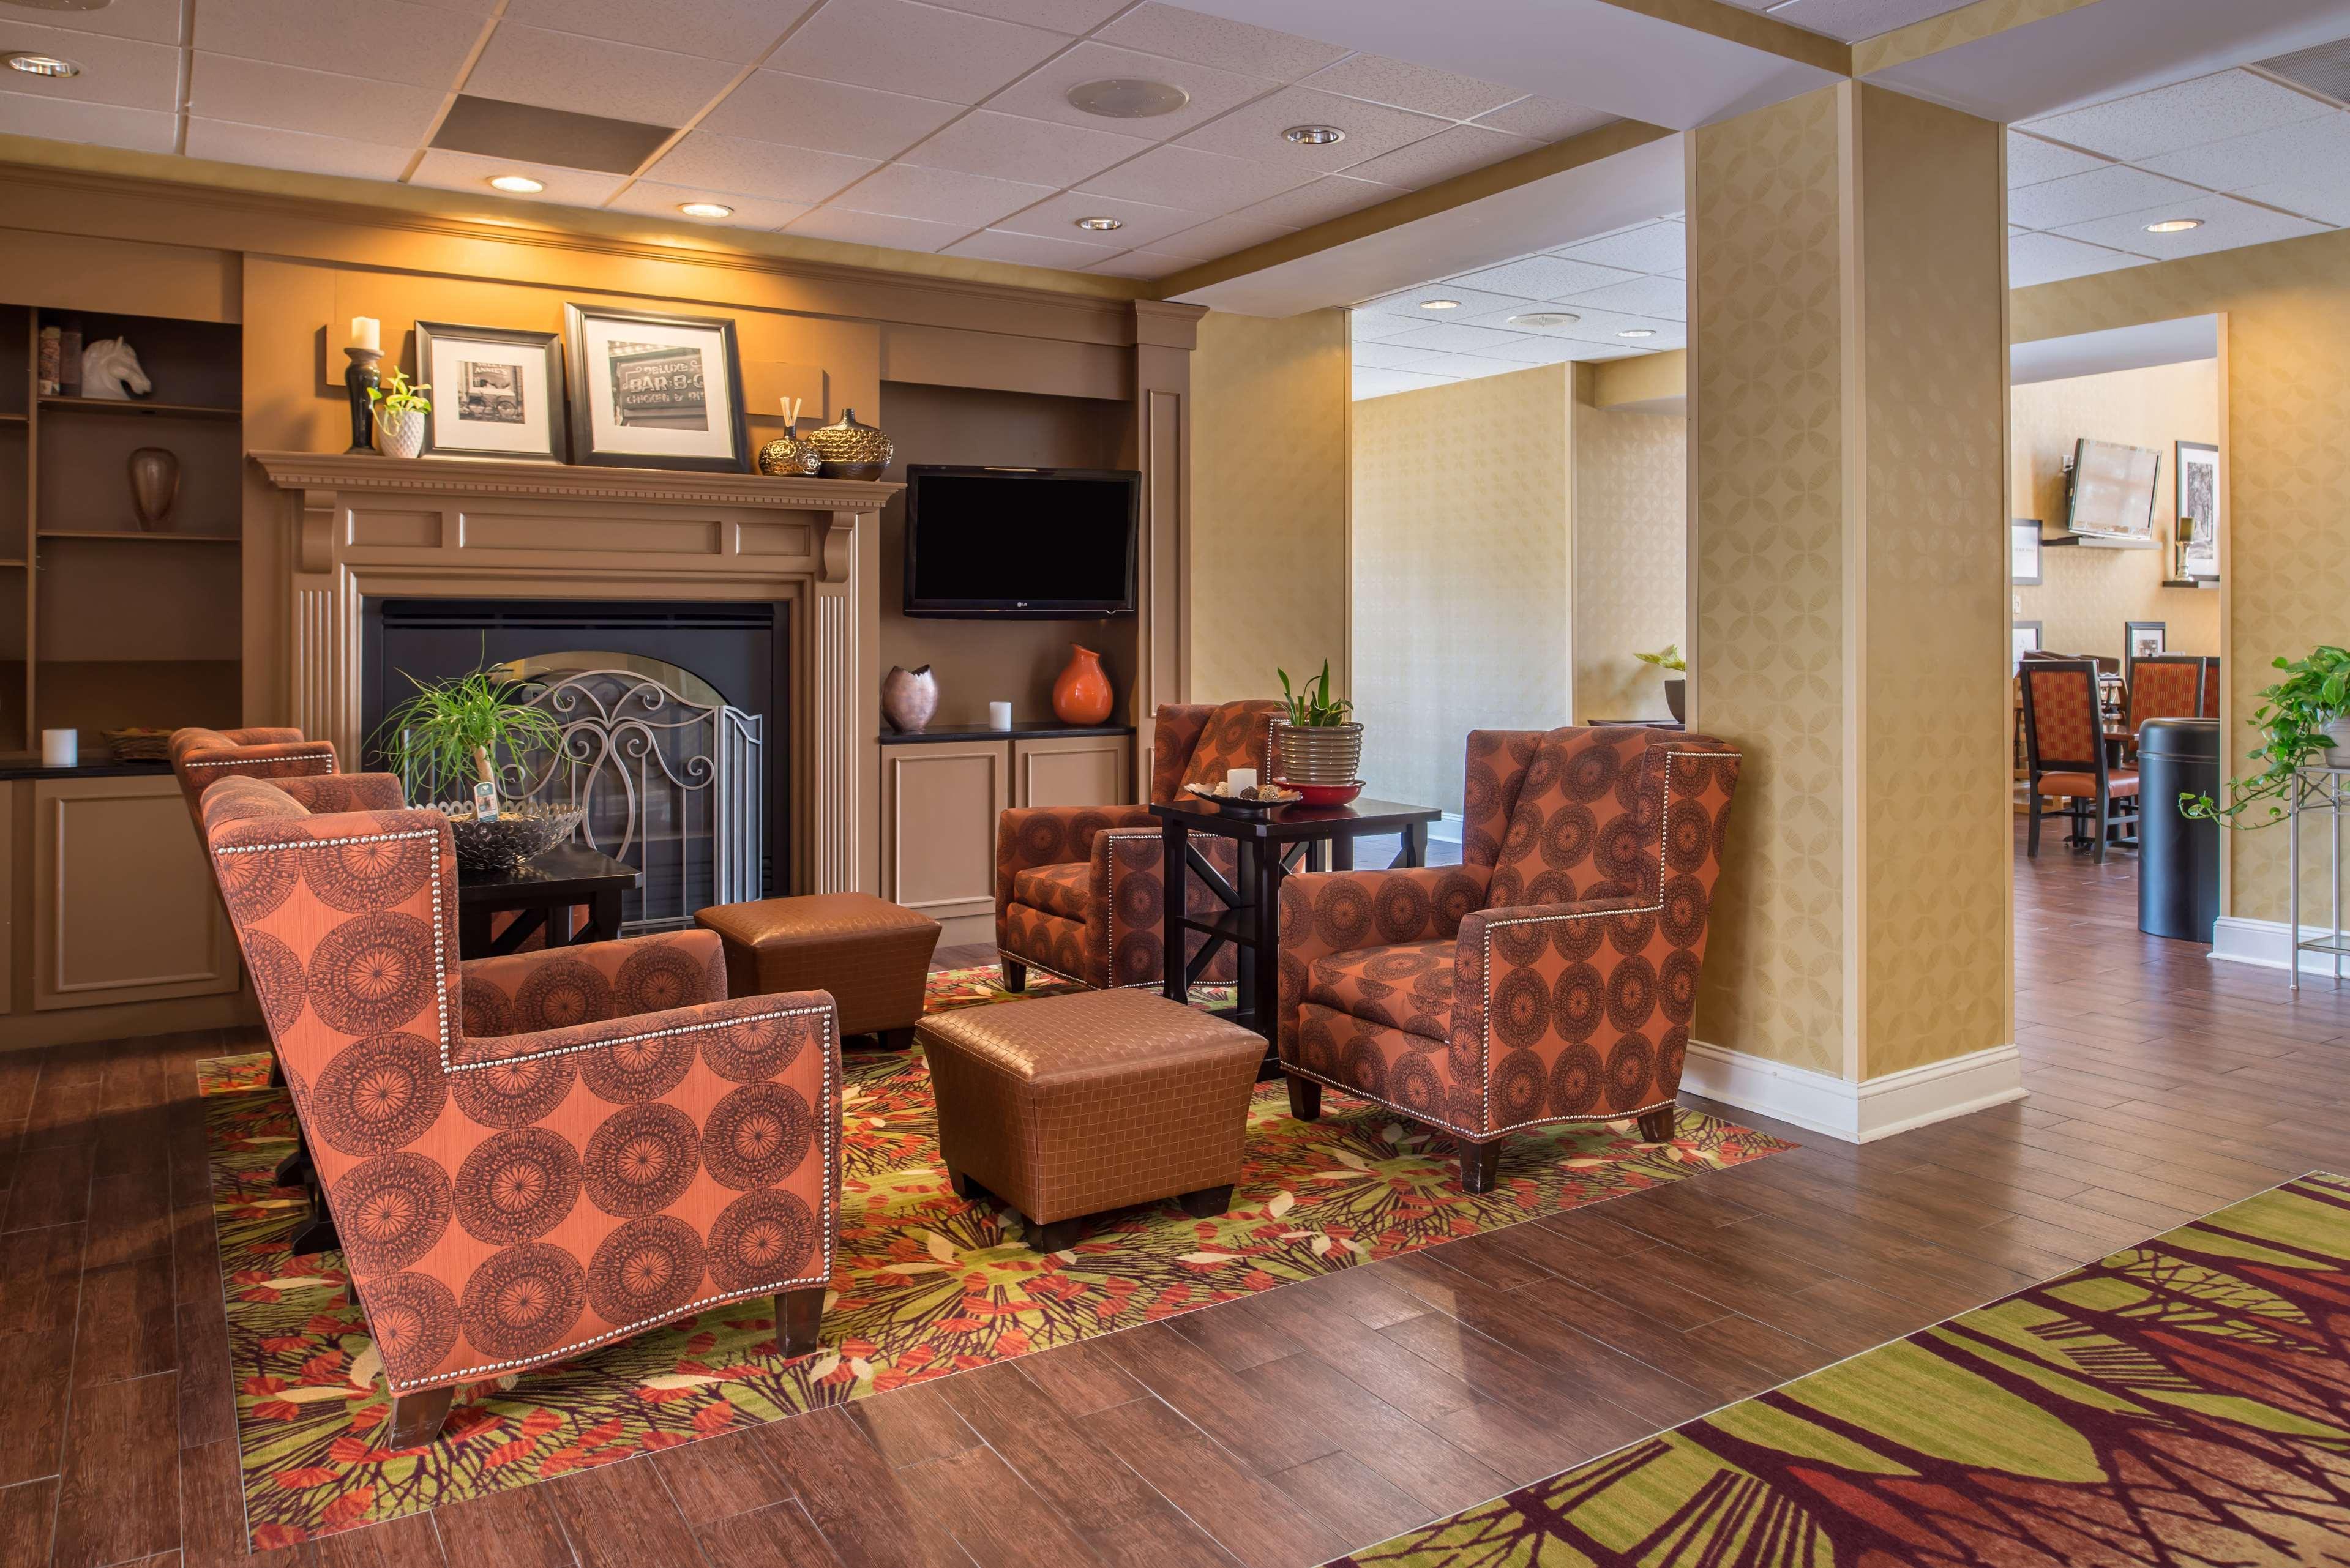 Hampton Inn & Suites Charlotte-Arrowood Rd. image 9